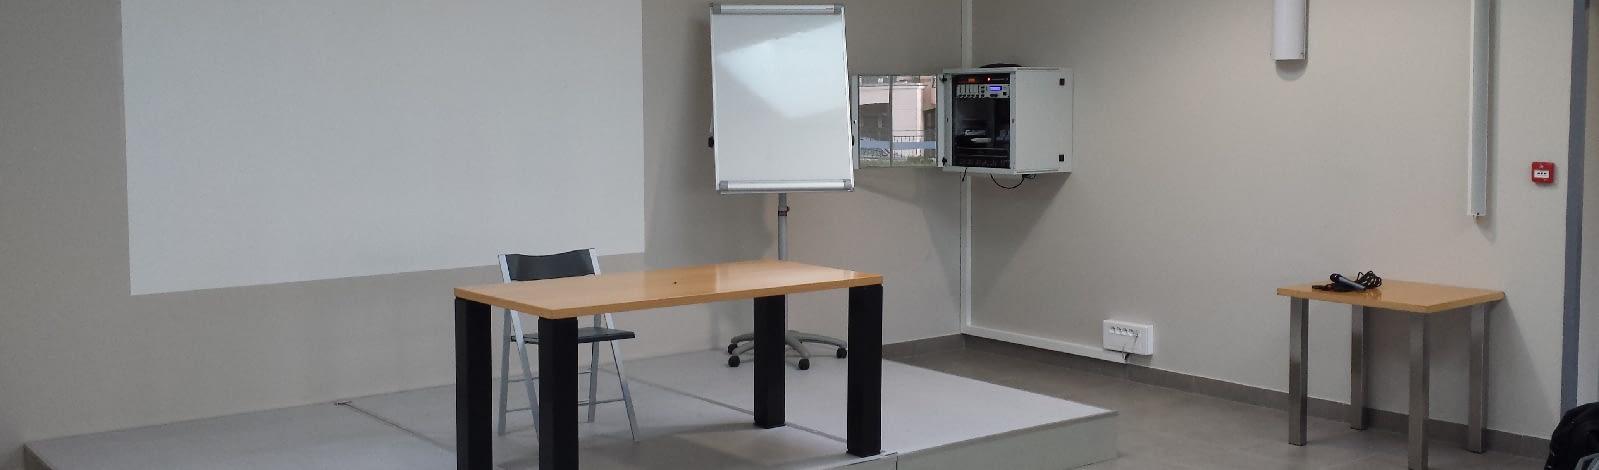 Equipements salles paroissiales audio JB